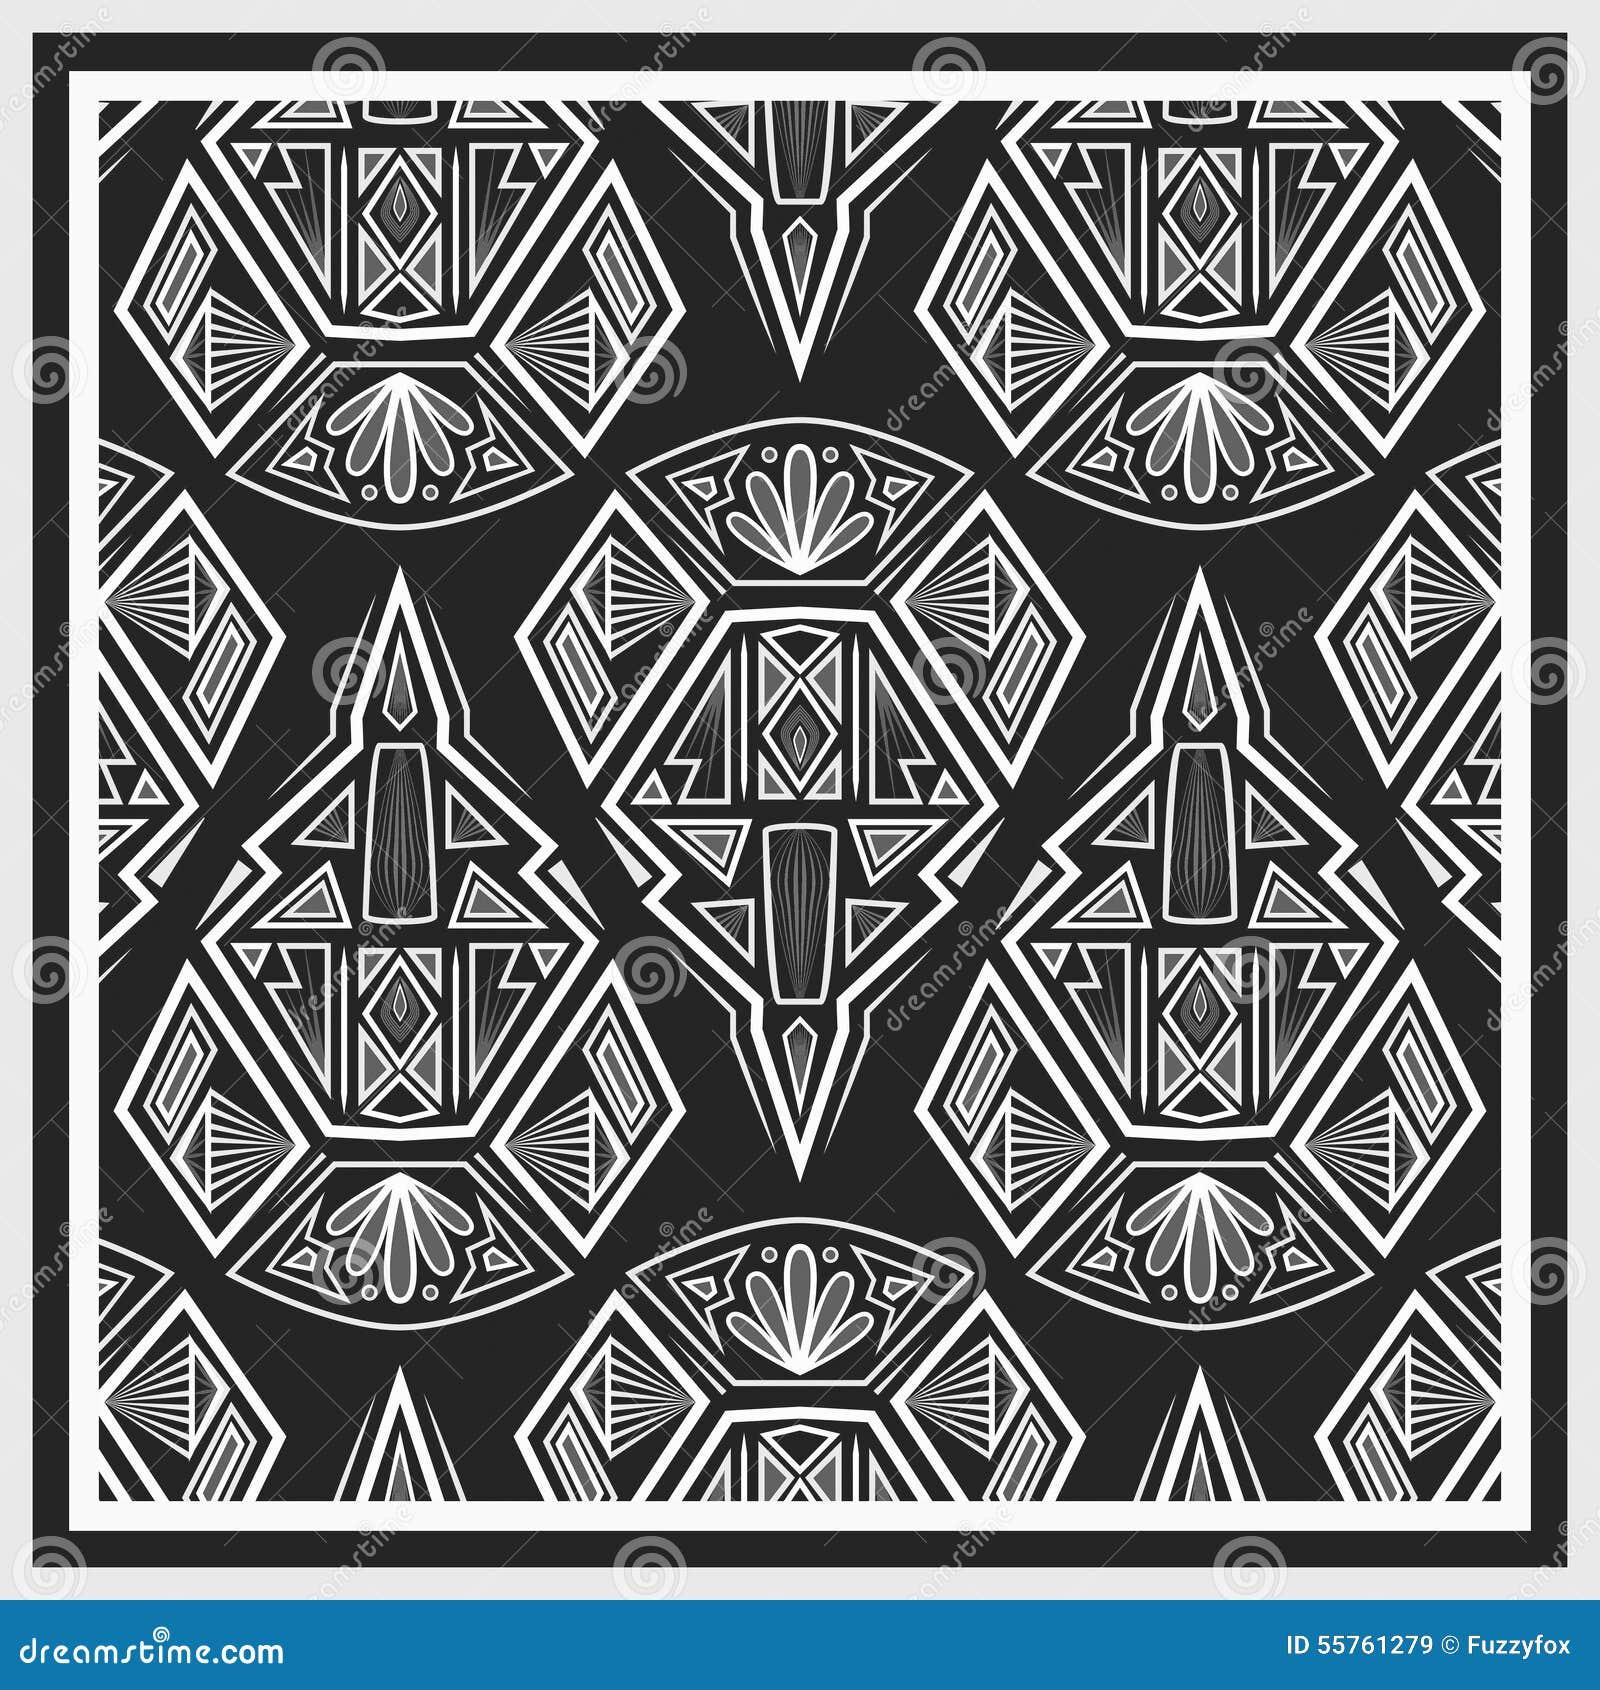 Bandana Design With Geometrical Elements Stock Illustration ...